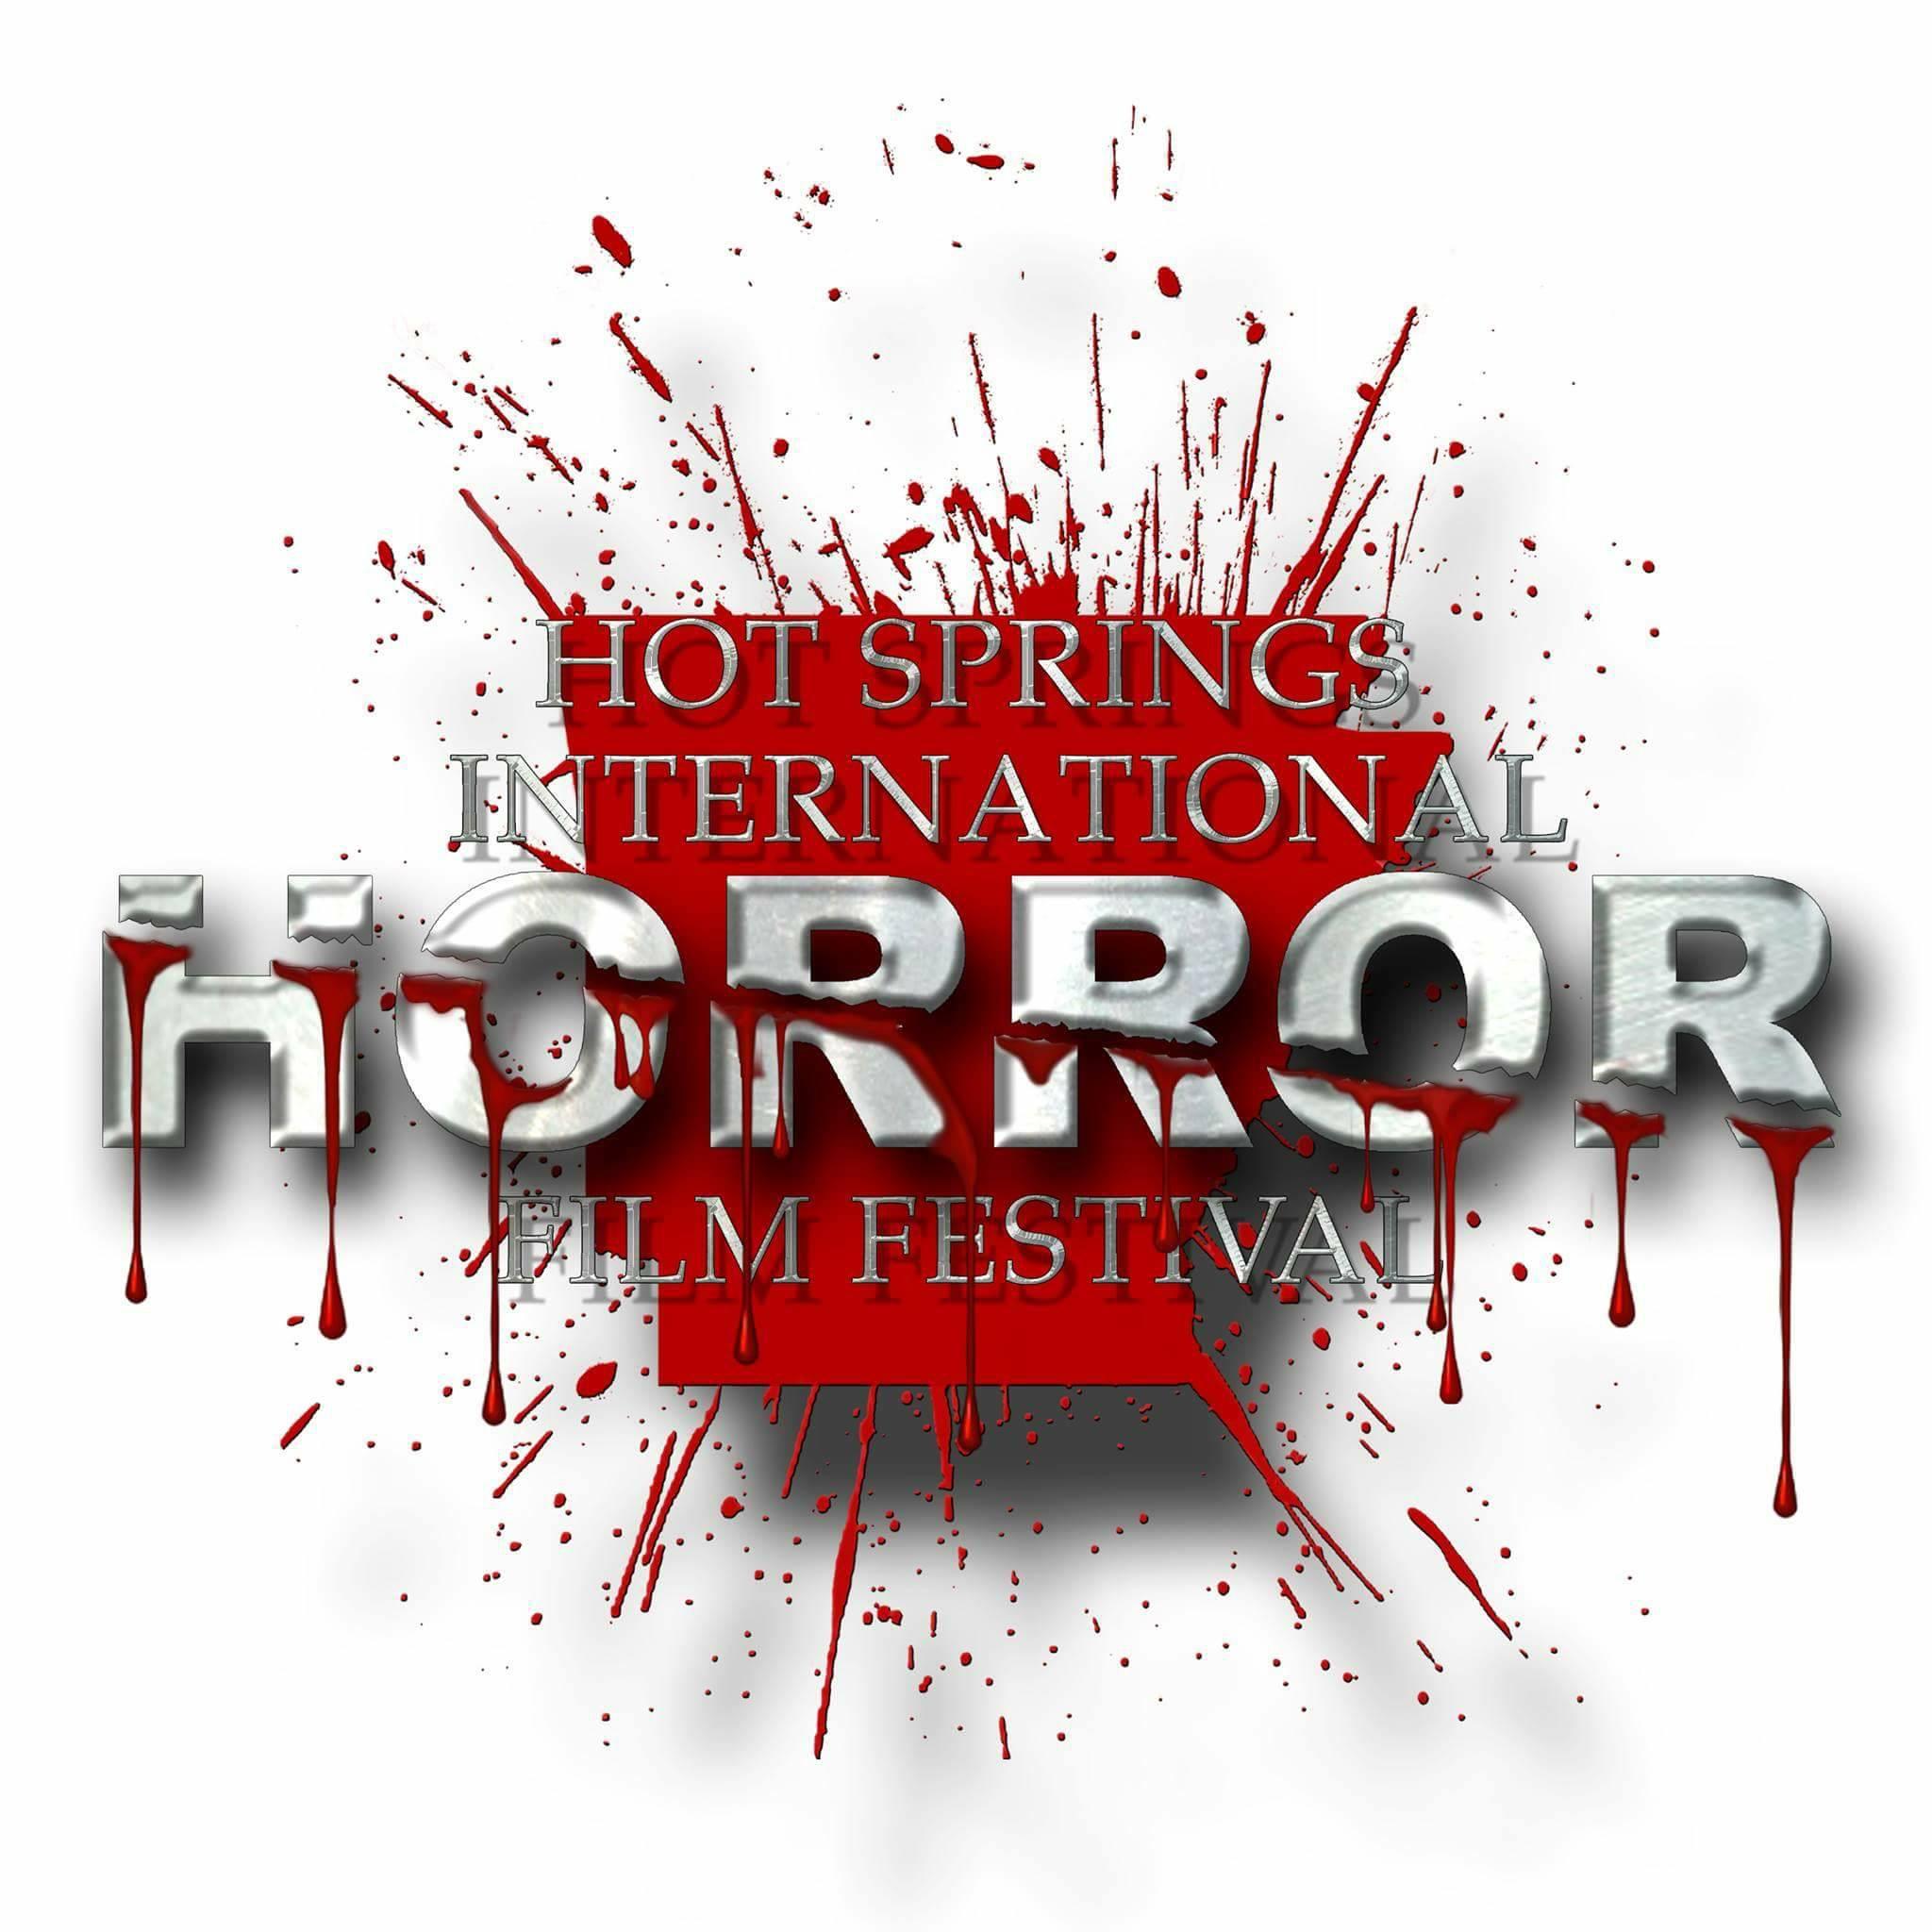 HSHFF logo.jpg